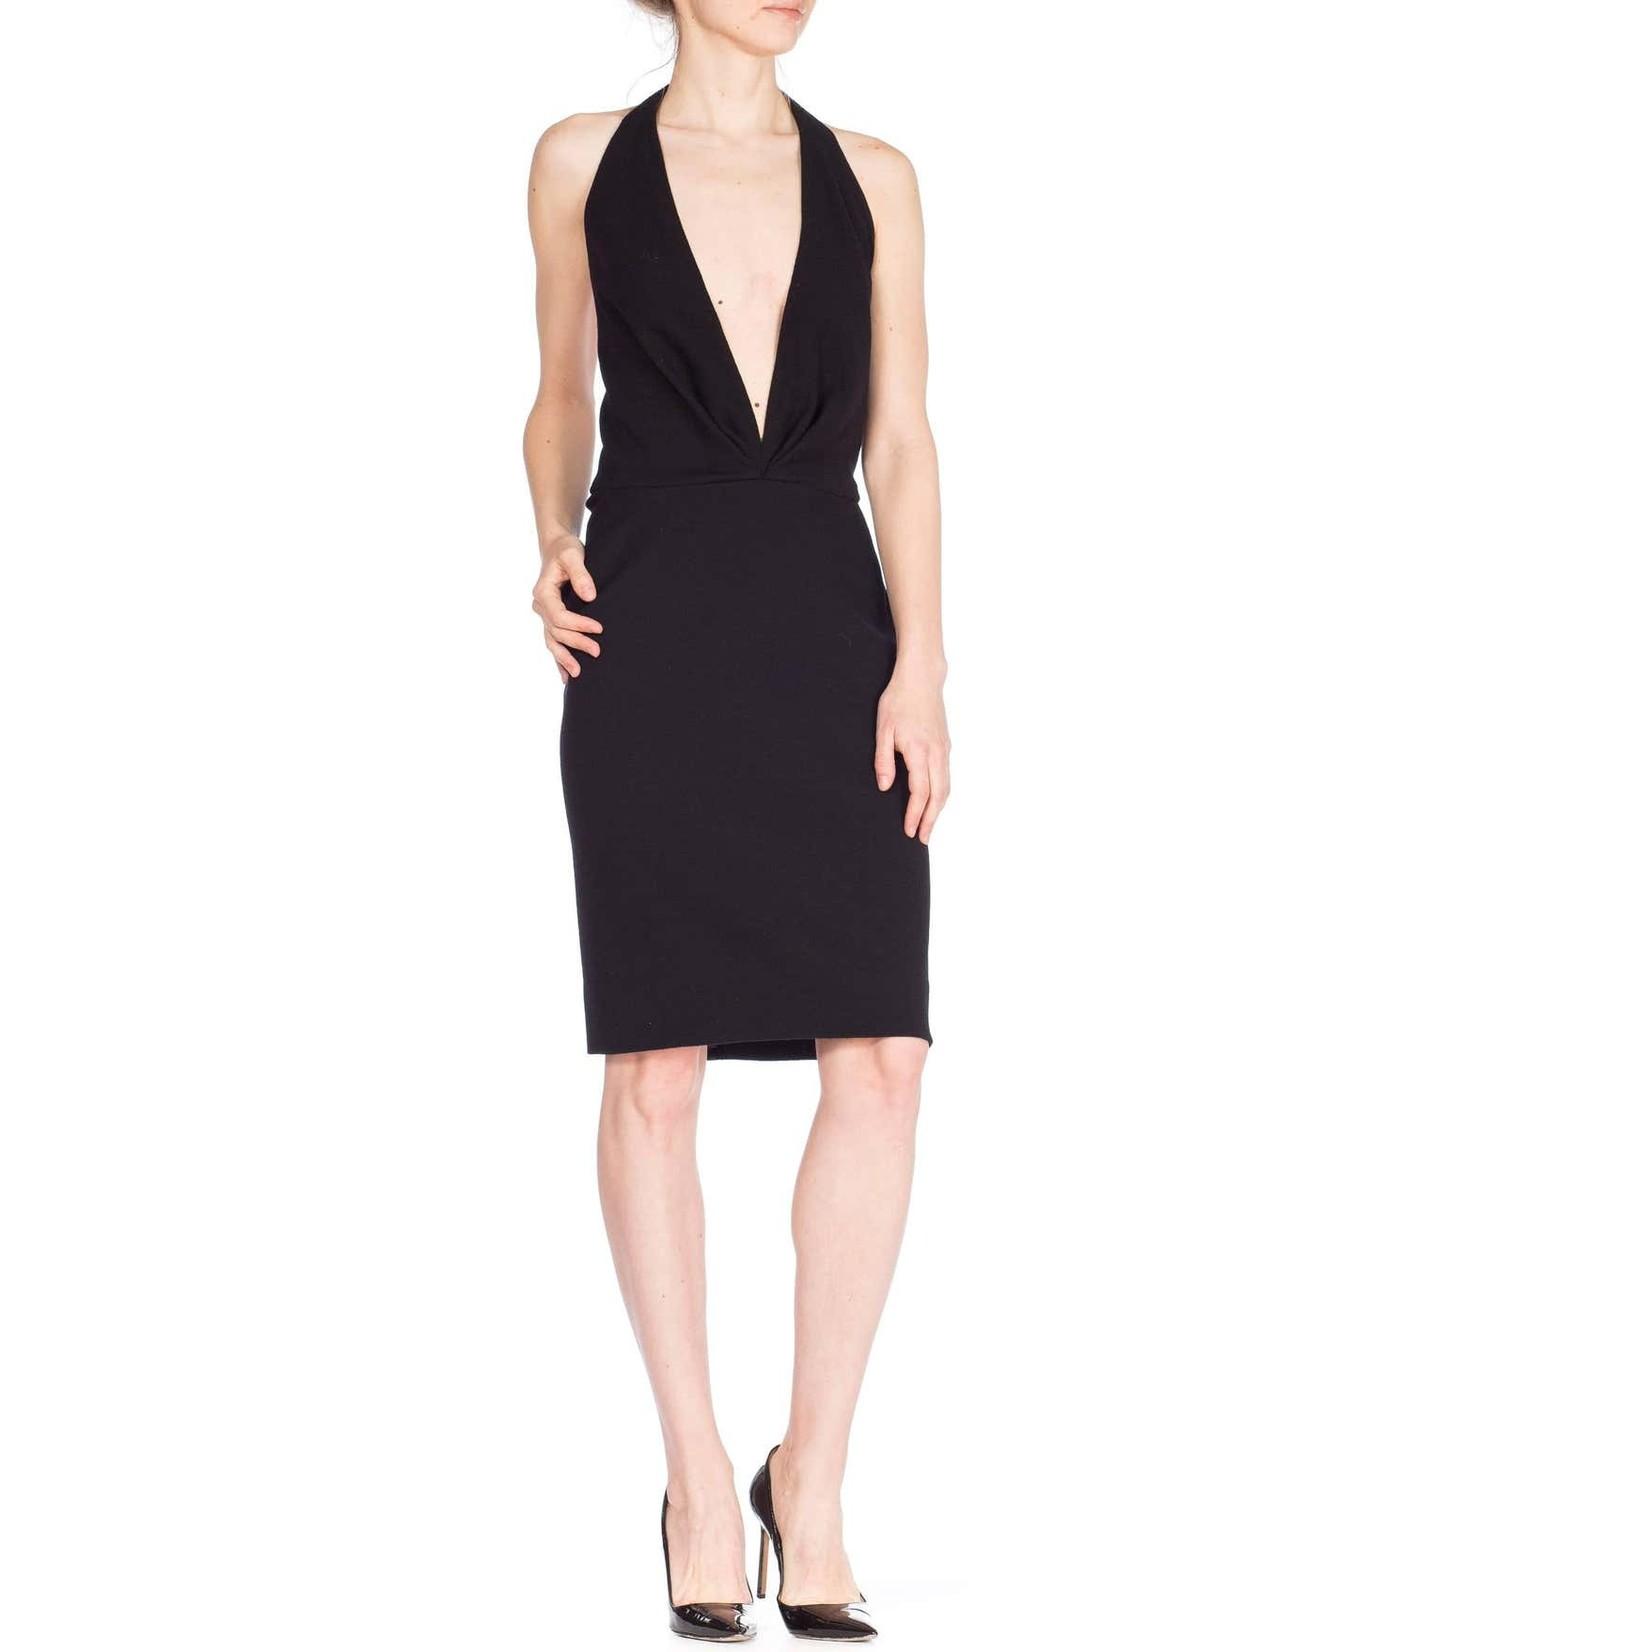 Morphew 1980s Donna Karan Black Wool Knit Low Cut Cocktail Dress